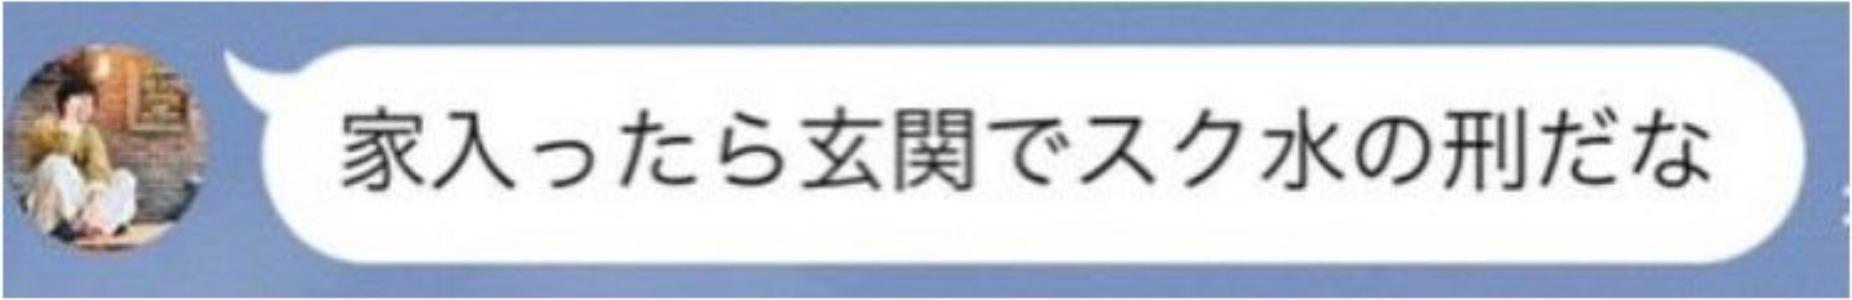 小澤連さんのLINE